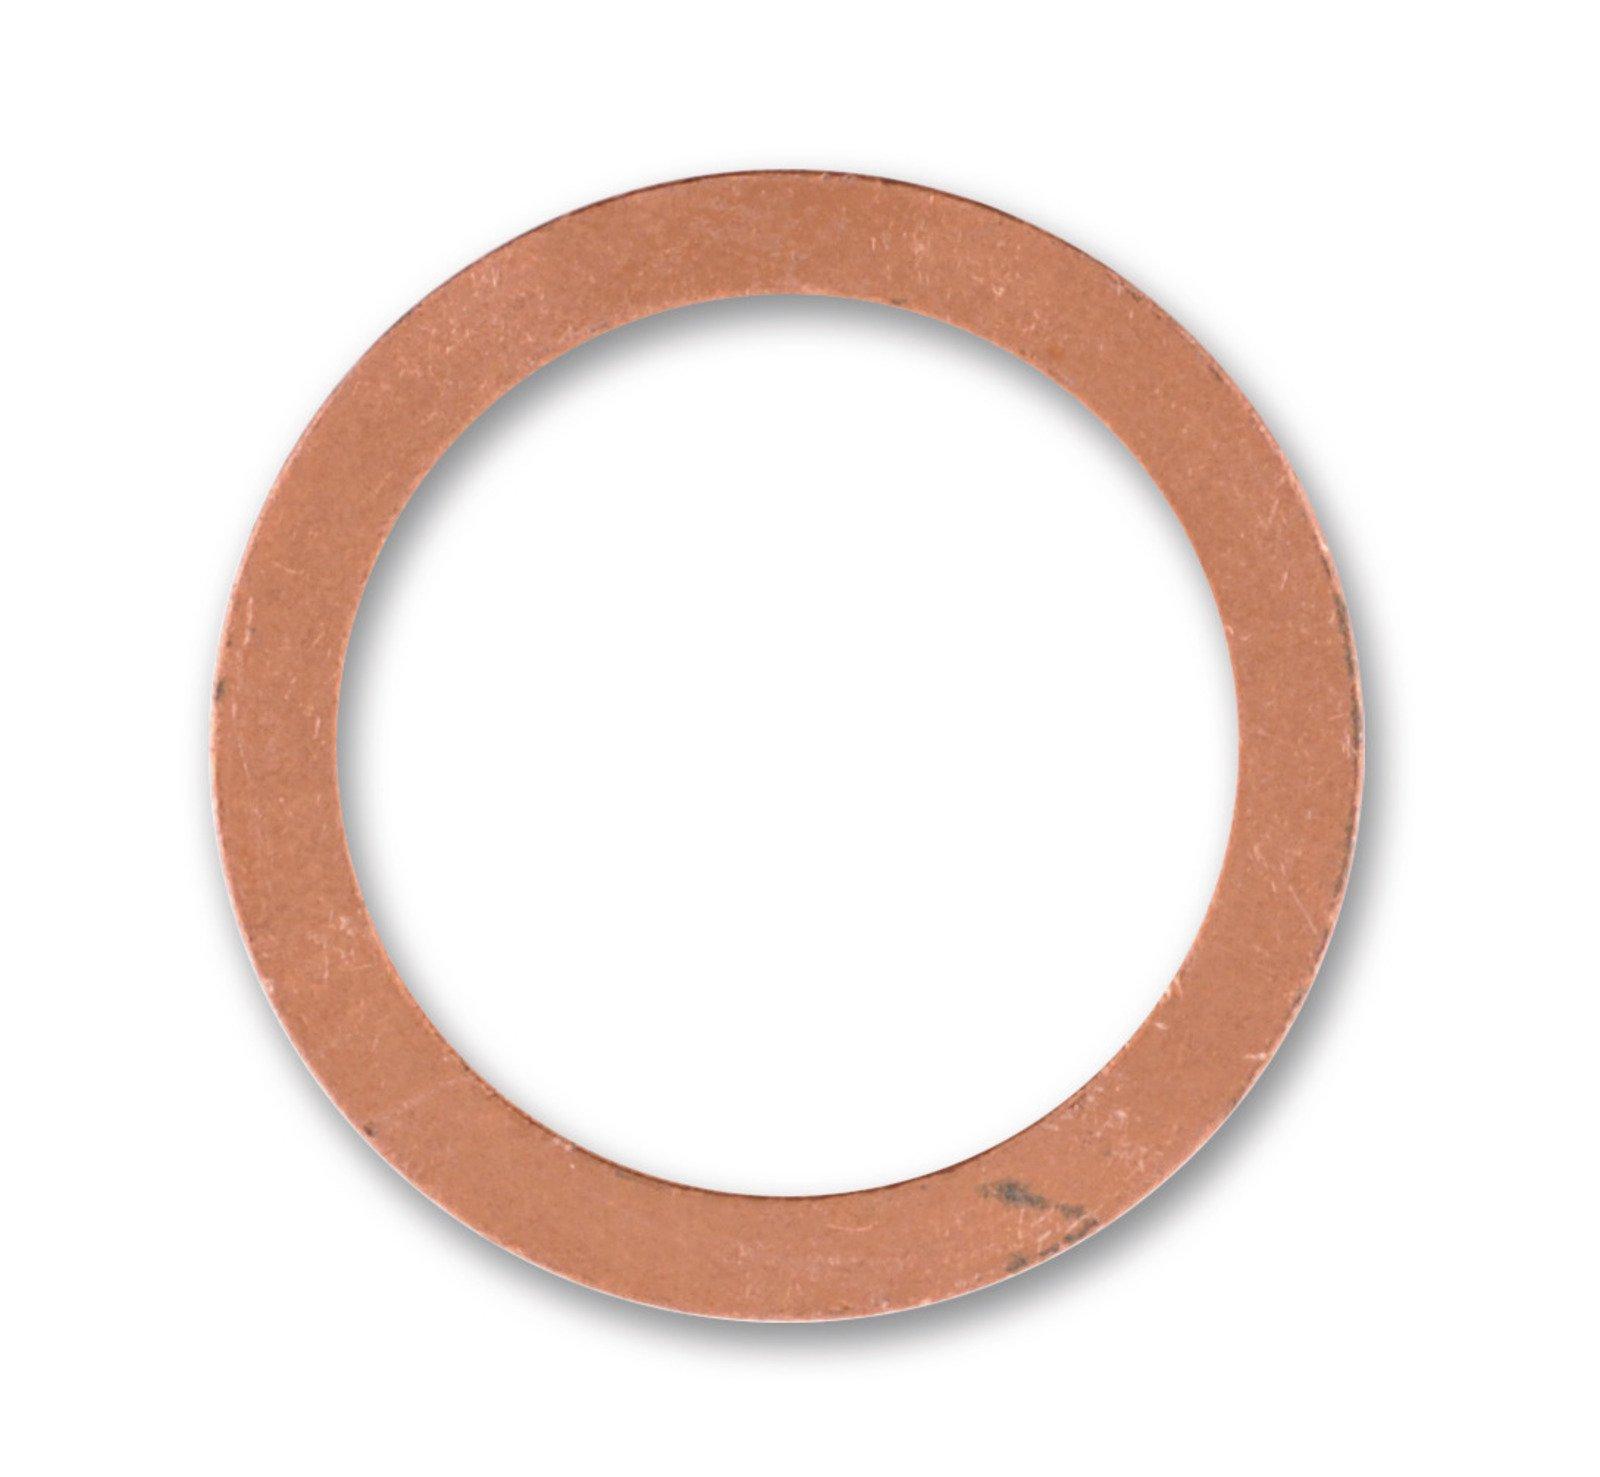 Decompression Gasket For Oil Sieve Filter Net SR400 SR500 TT500 XT500 90430-22123-00 5-035